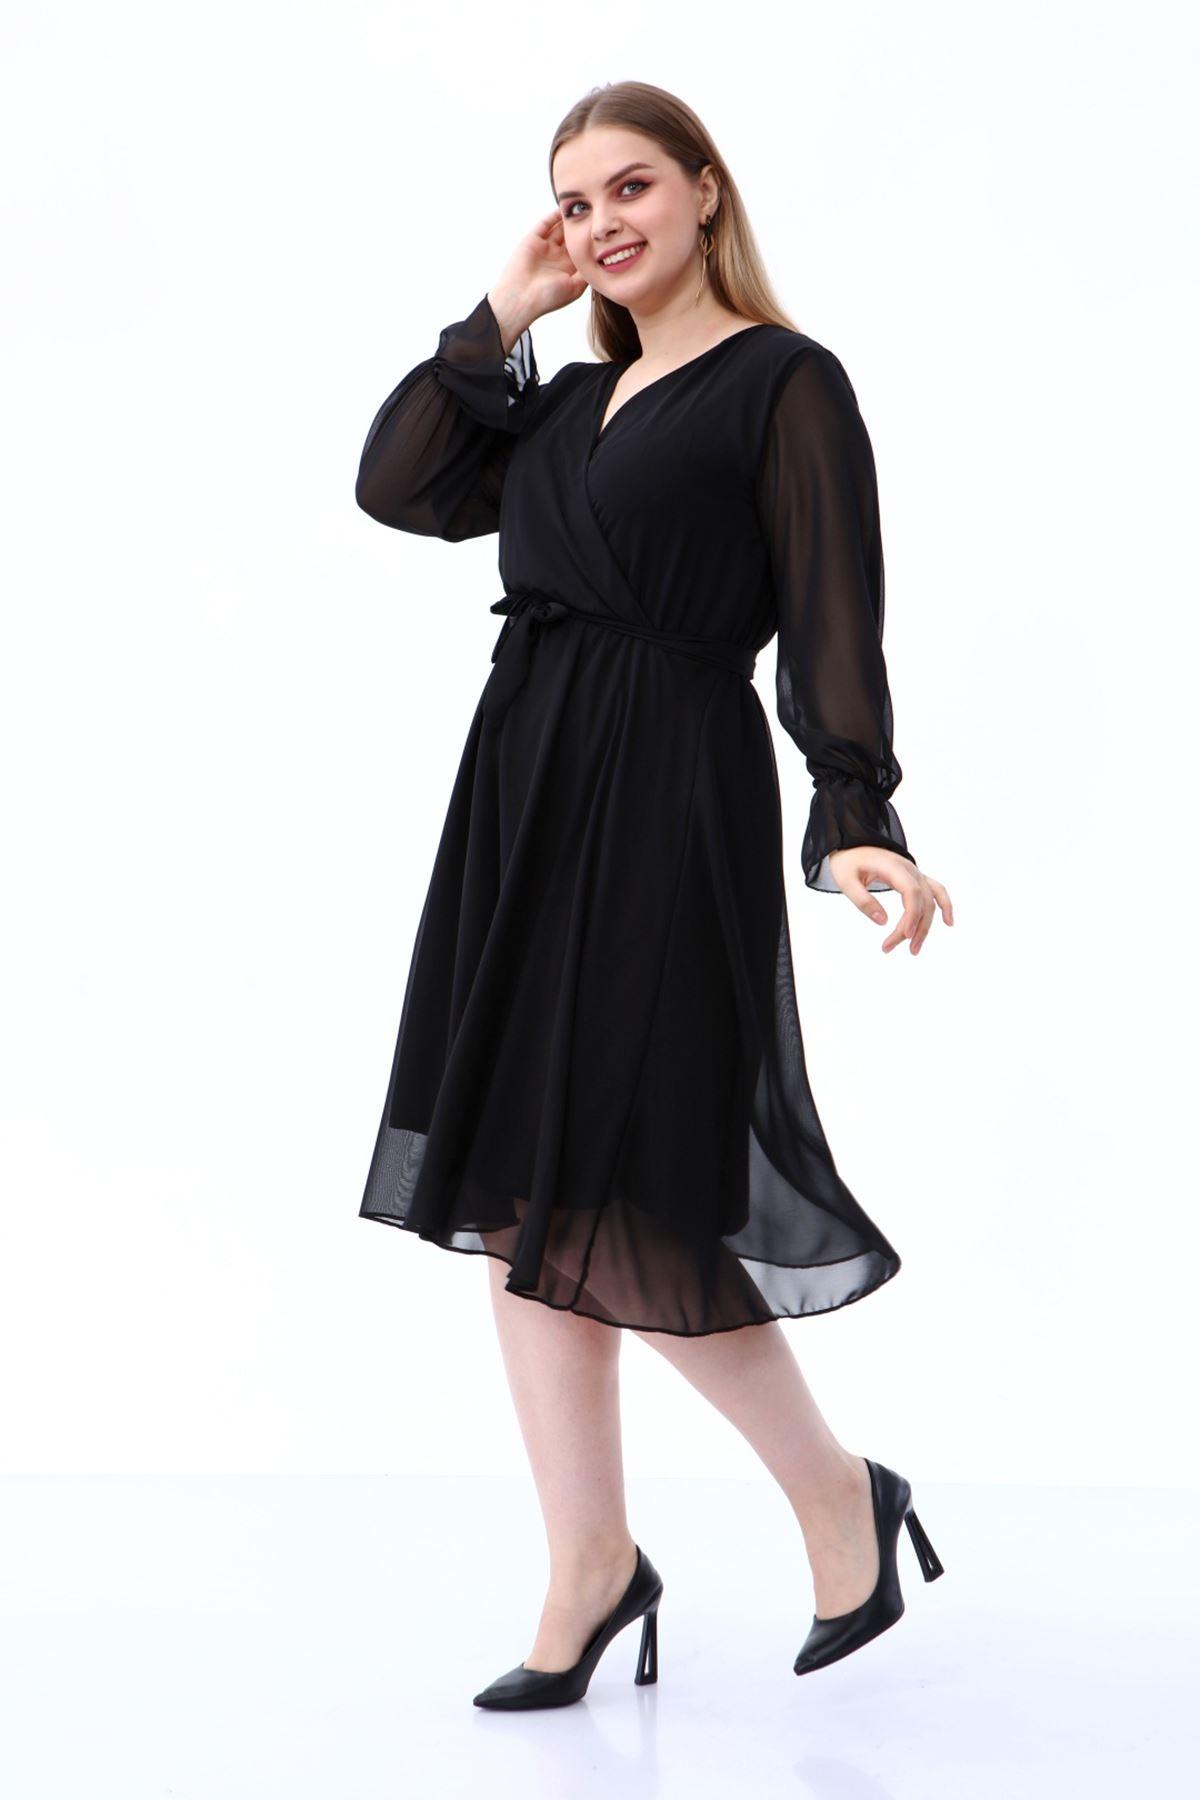 Uzun Kol Büyük Beden Şifon Elbise 30A-1809